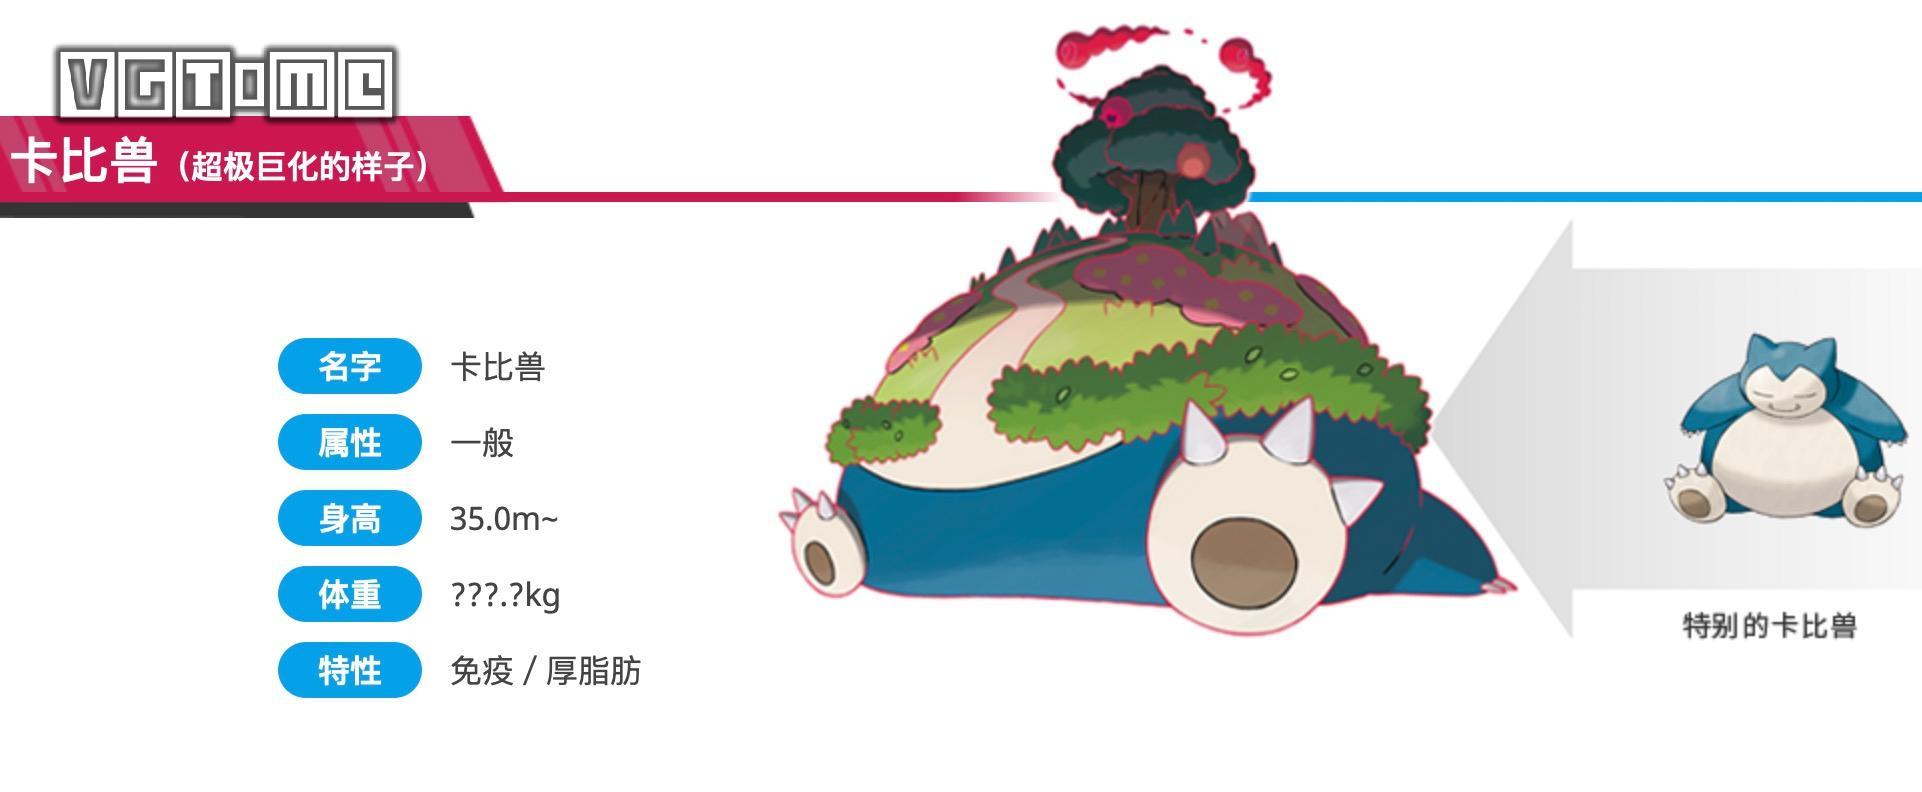 《宝可梦 剑/盾》「超极巨化卡比兽」将于12月4日开放